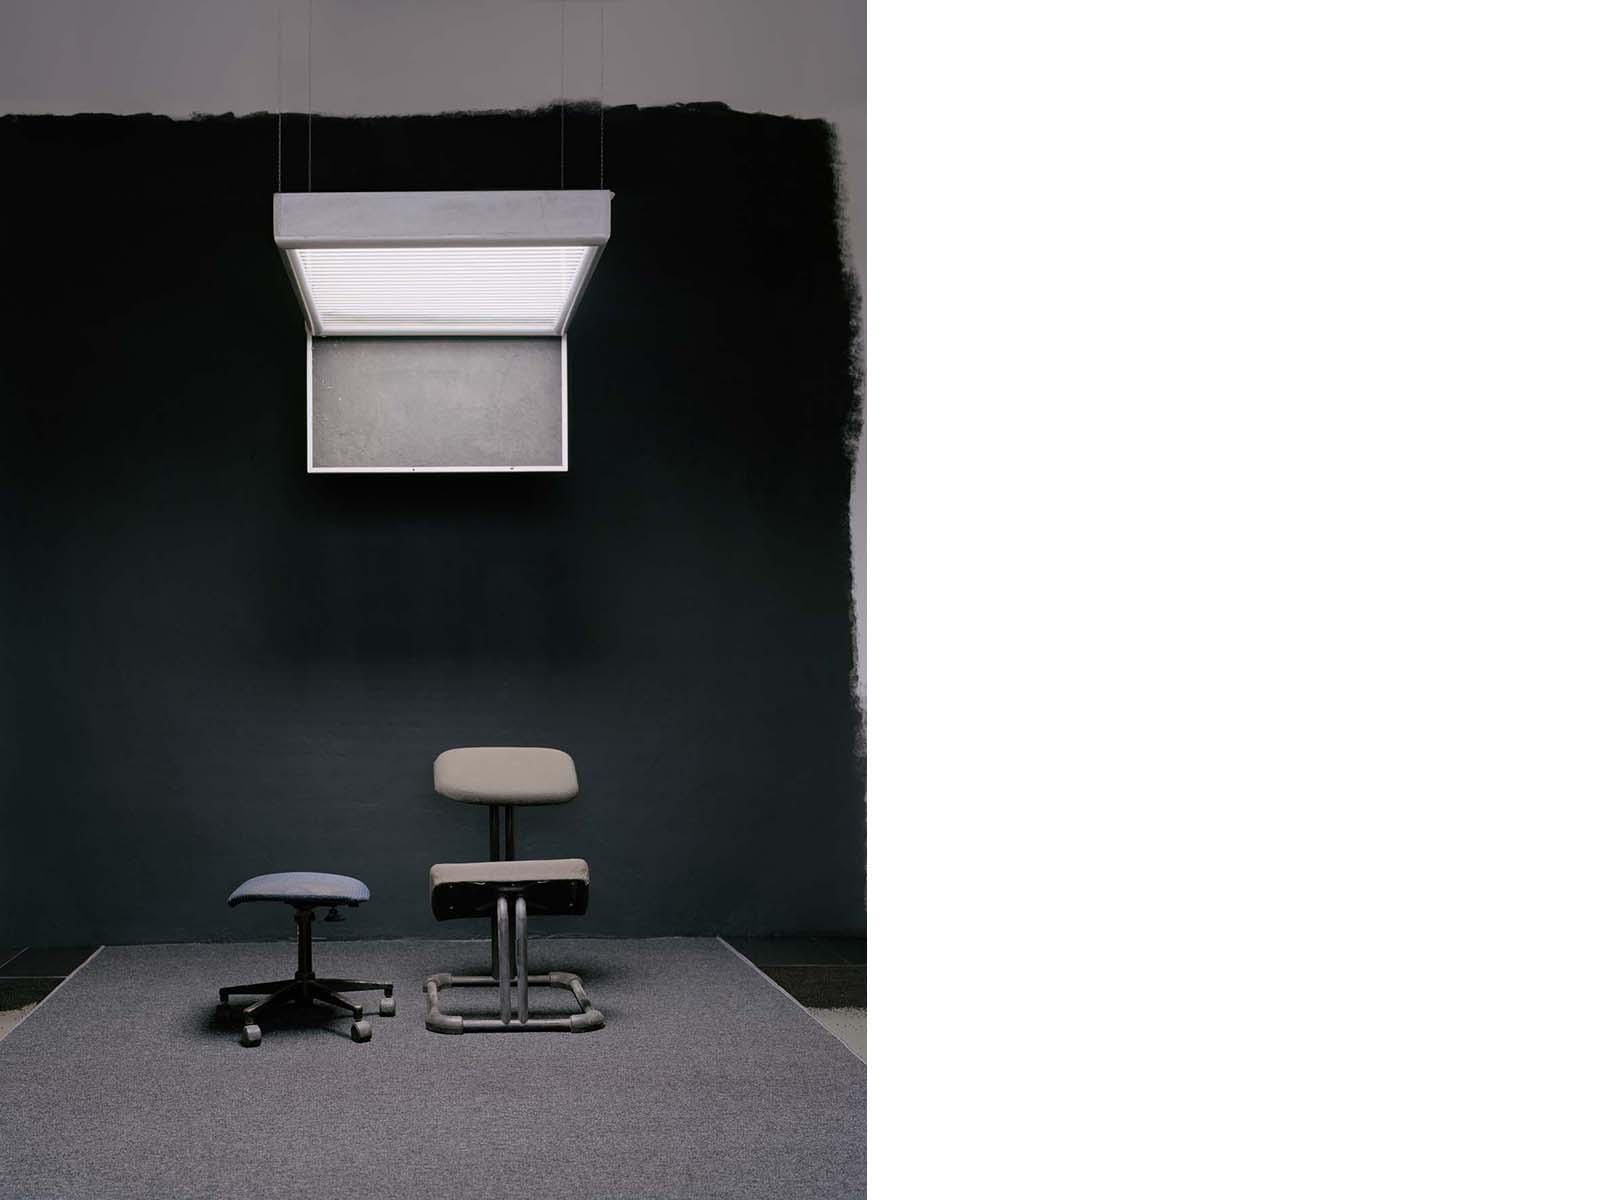 I#2, 2009, 91 x 66 cm, Lightbox